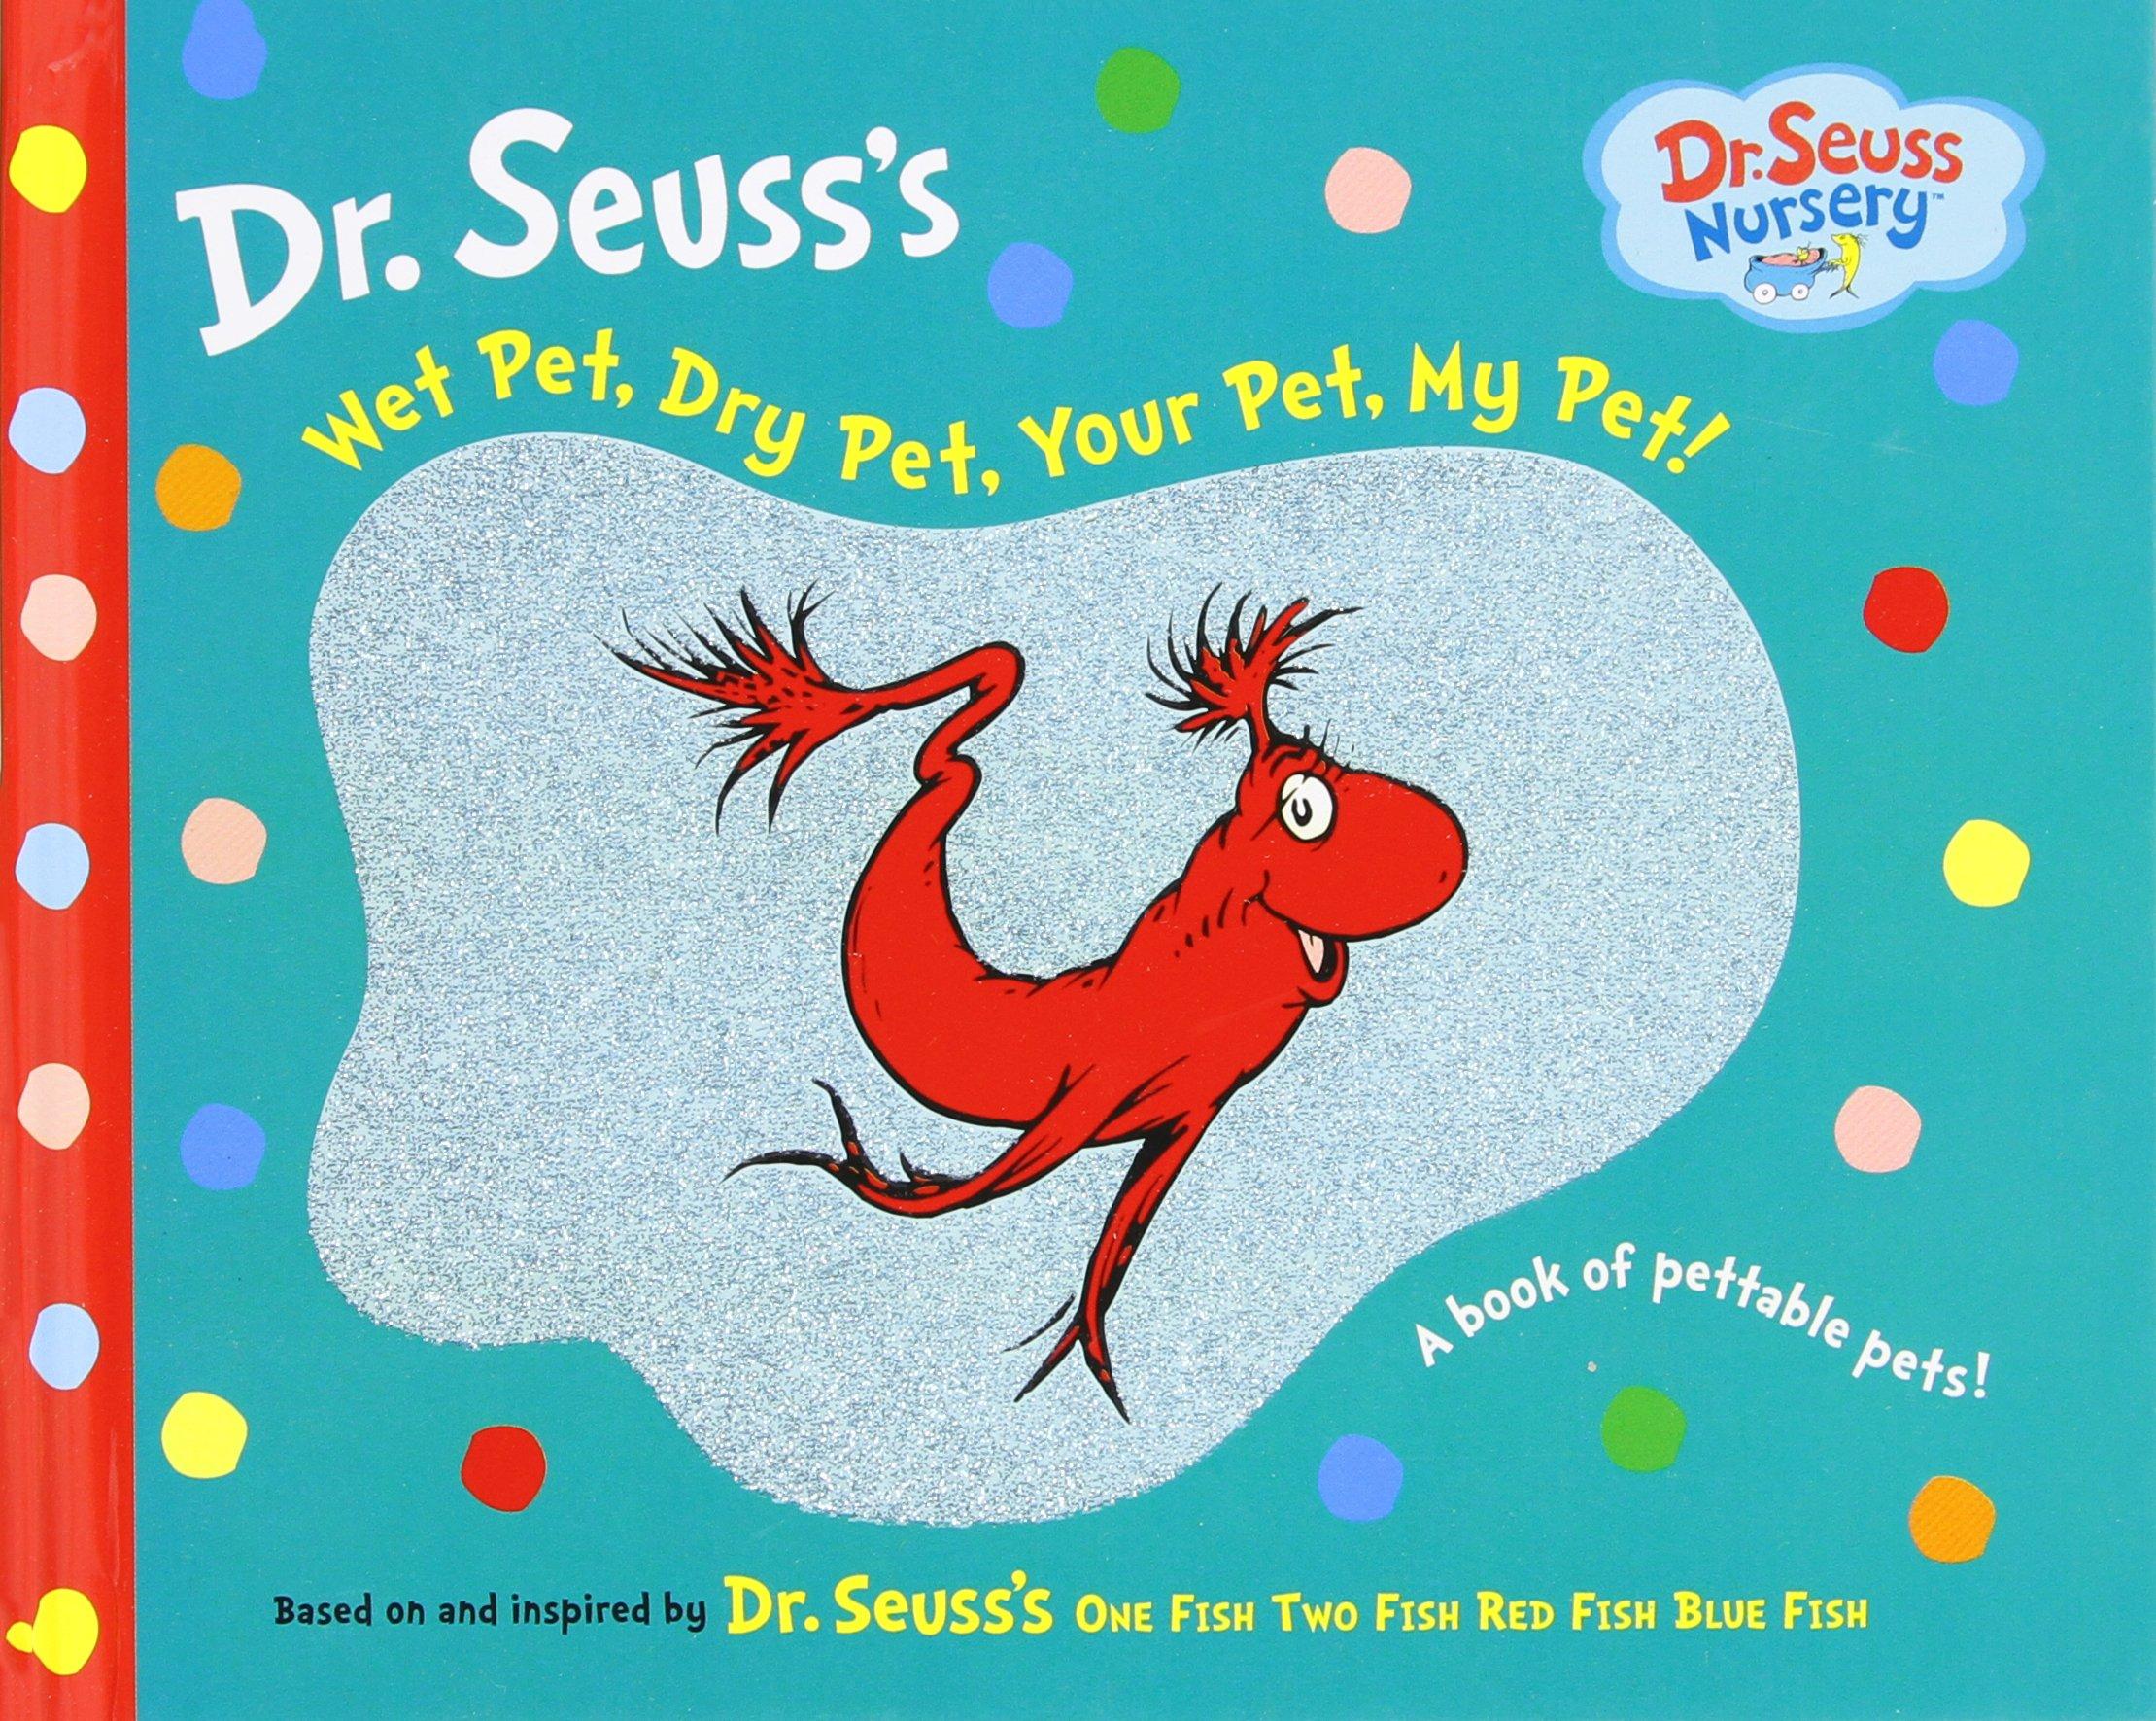 Amazon.com: Wet Pet, Dry Pet, Your Pet, My Pet (Dr. Seuss Nursery ...